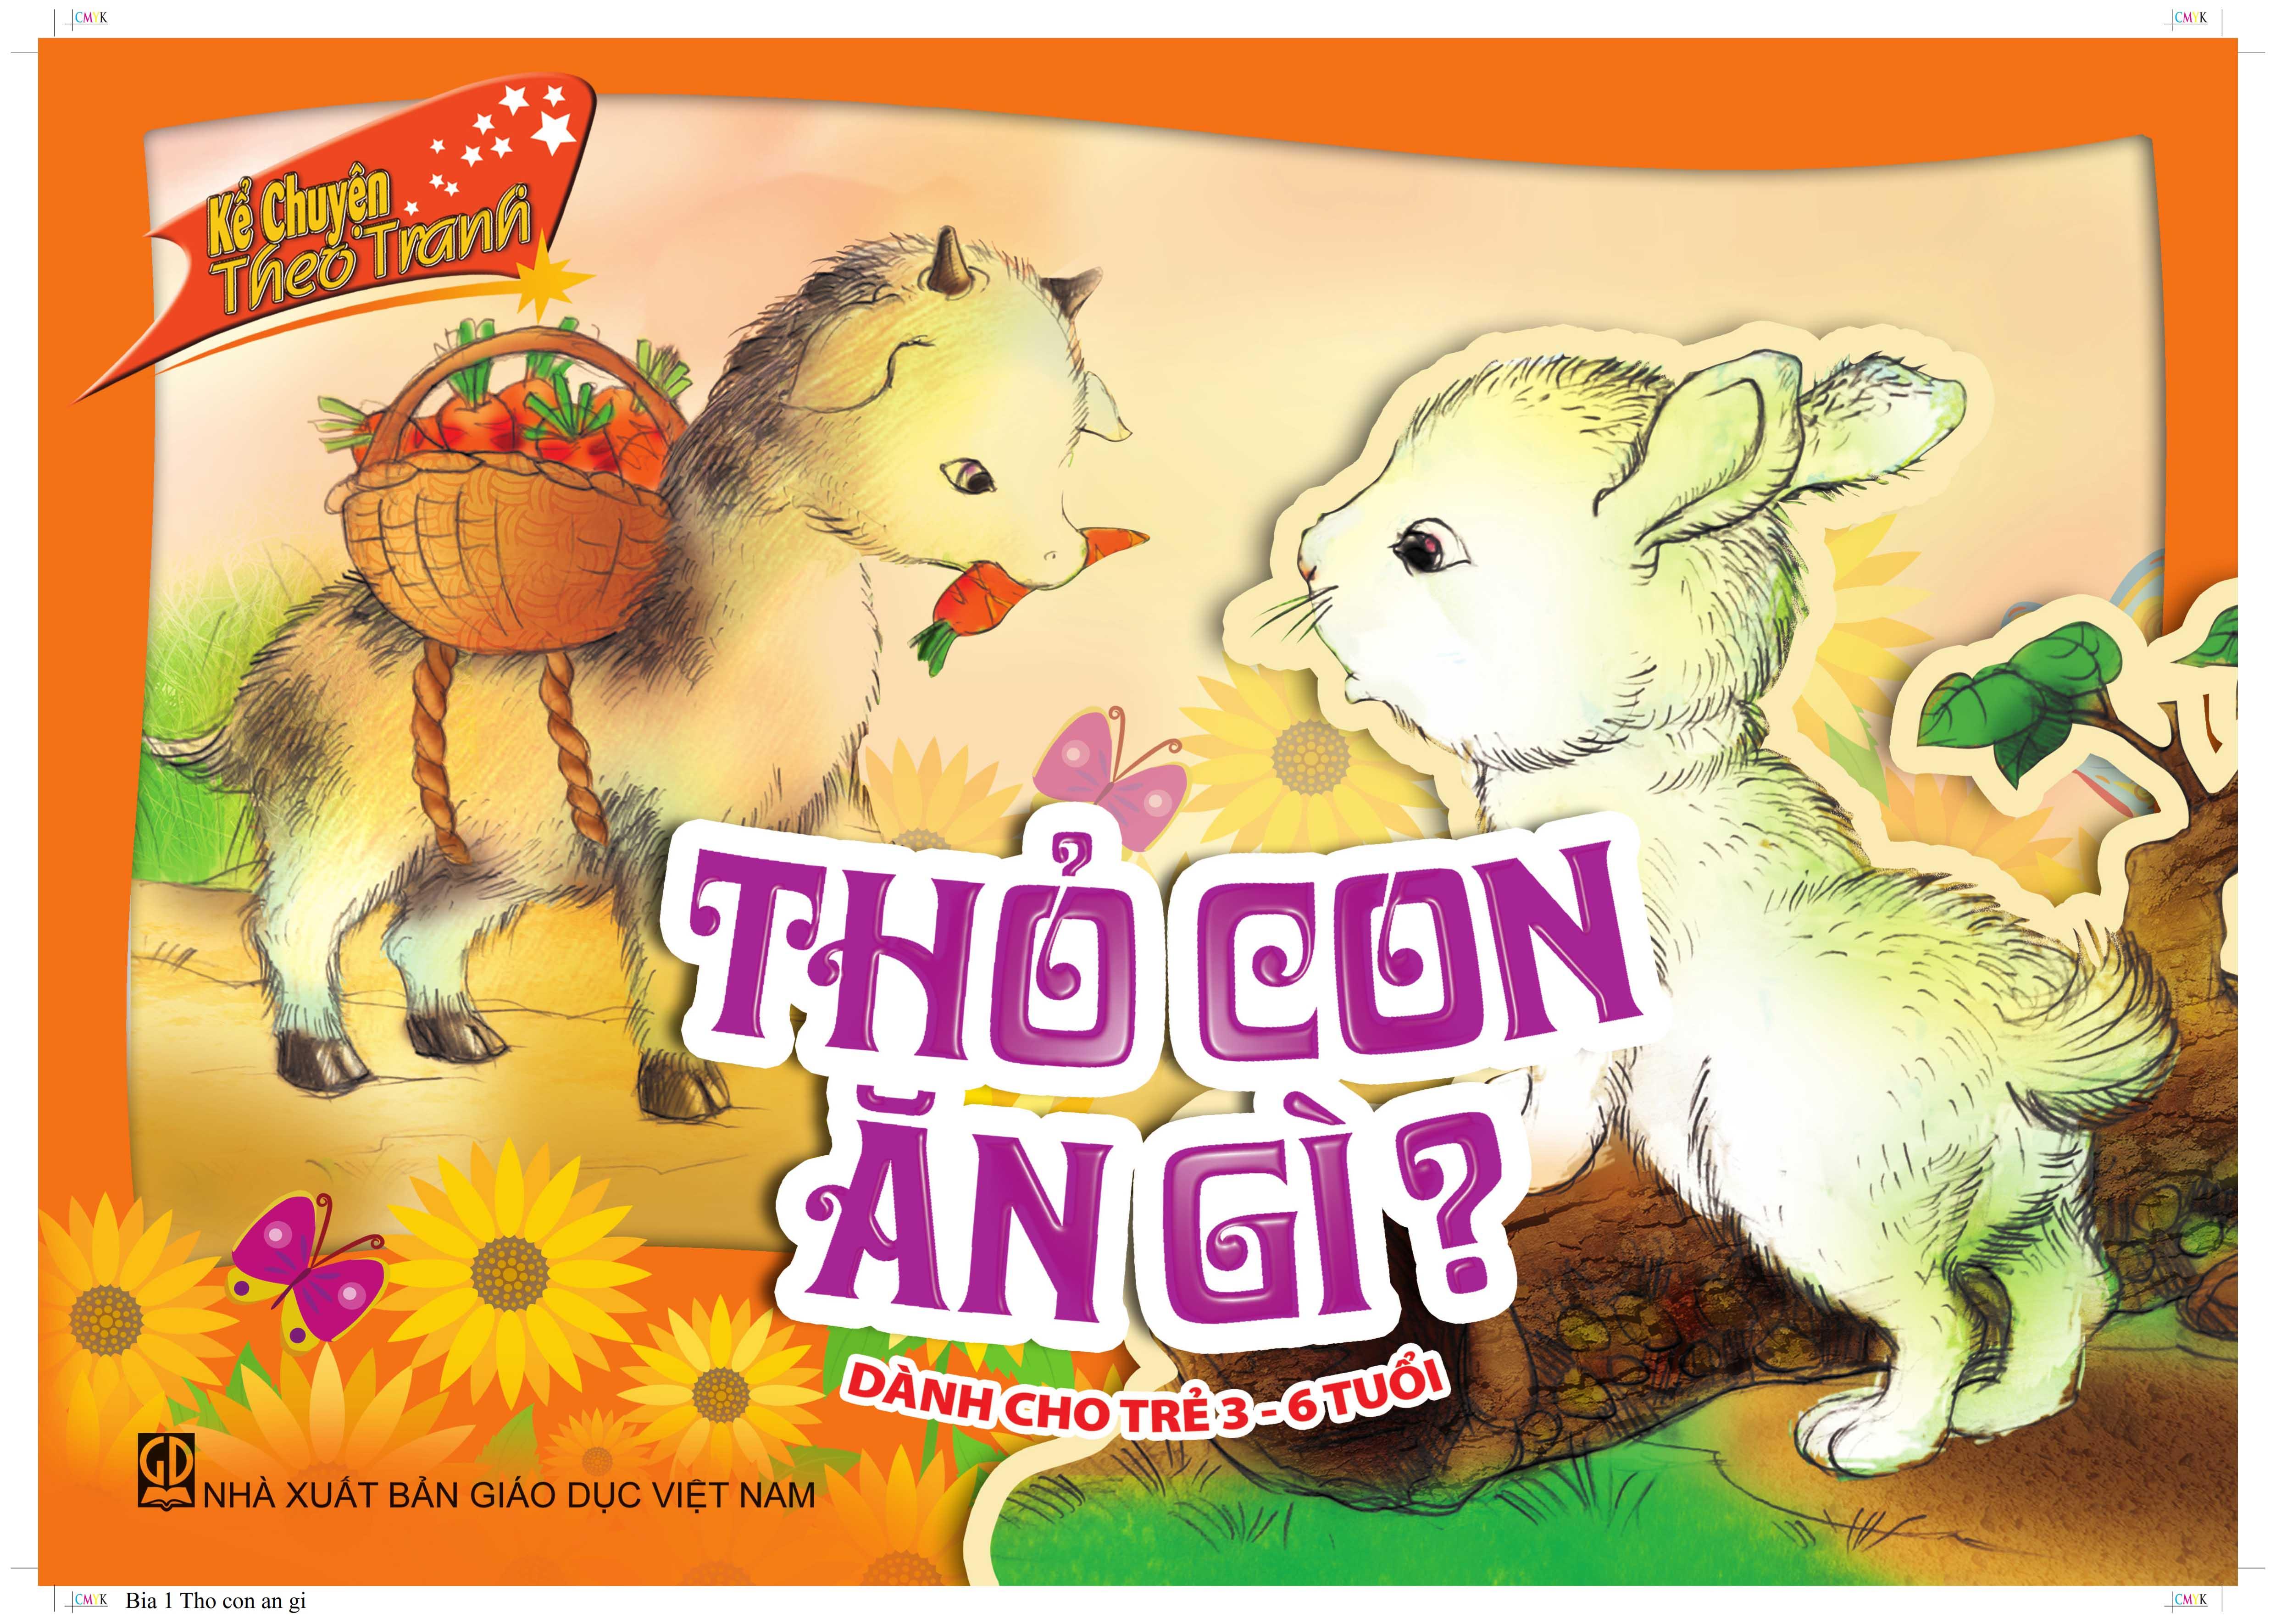 Thỏ con ăn gì?